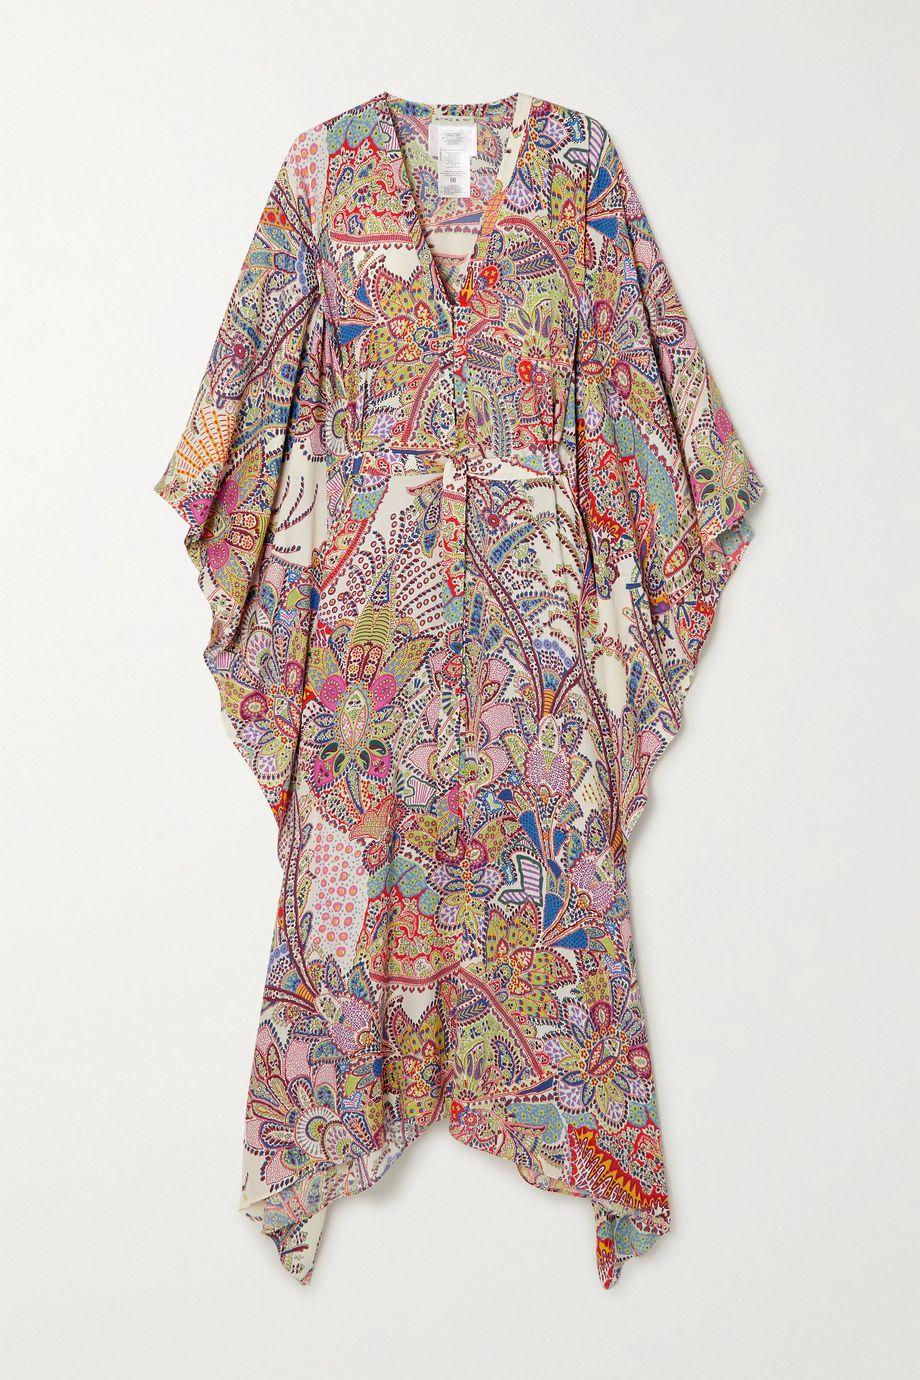 Etro 不对称配腰带佩斯利花纹绉纱长罩衫裙